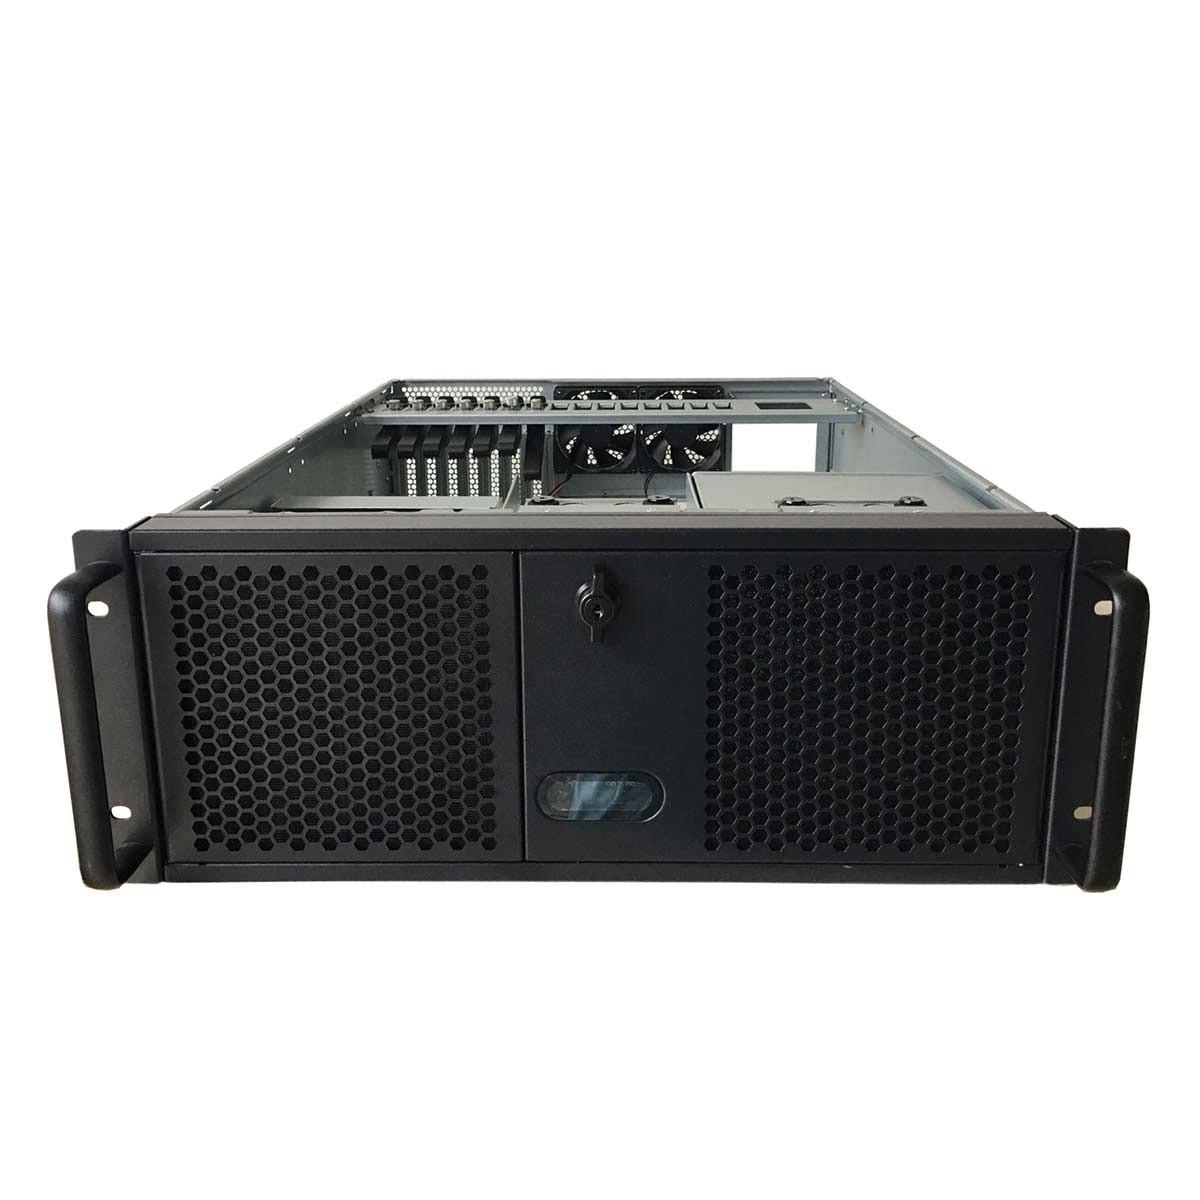 """TGC Rack Mountable Server Chassis 4U With 3 5.25"""" Slot, 4 HDD Bays, 1 Optional 2.5"""" HDD Bay"""